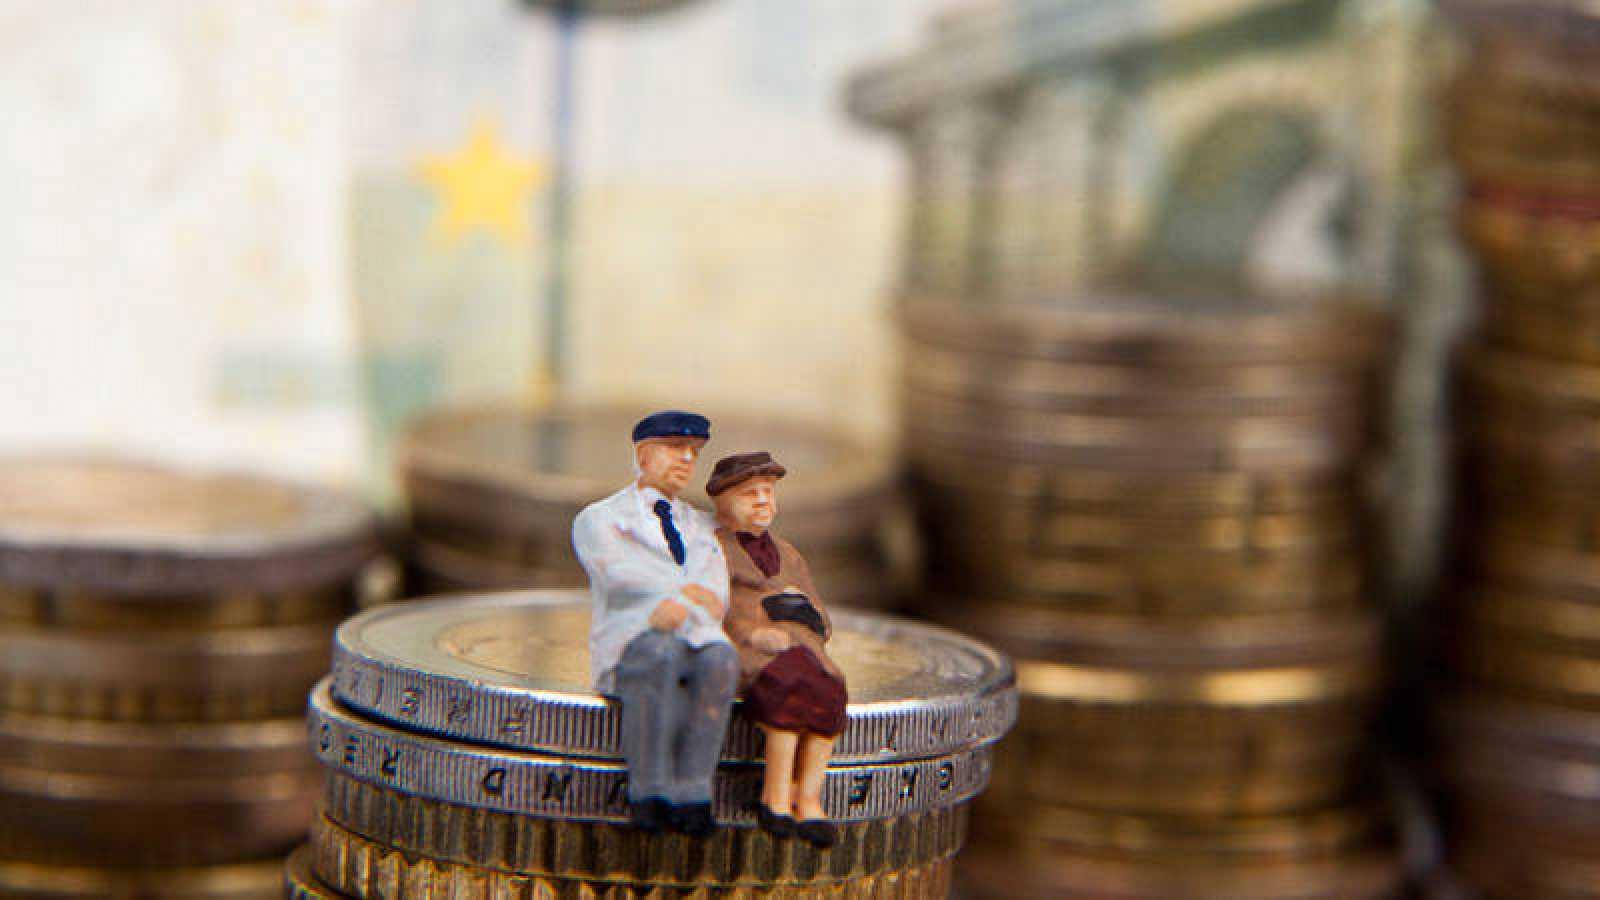 Ilustración de dos ancianos sobre una columna de monedas de euro